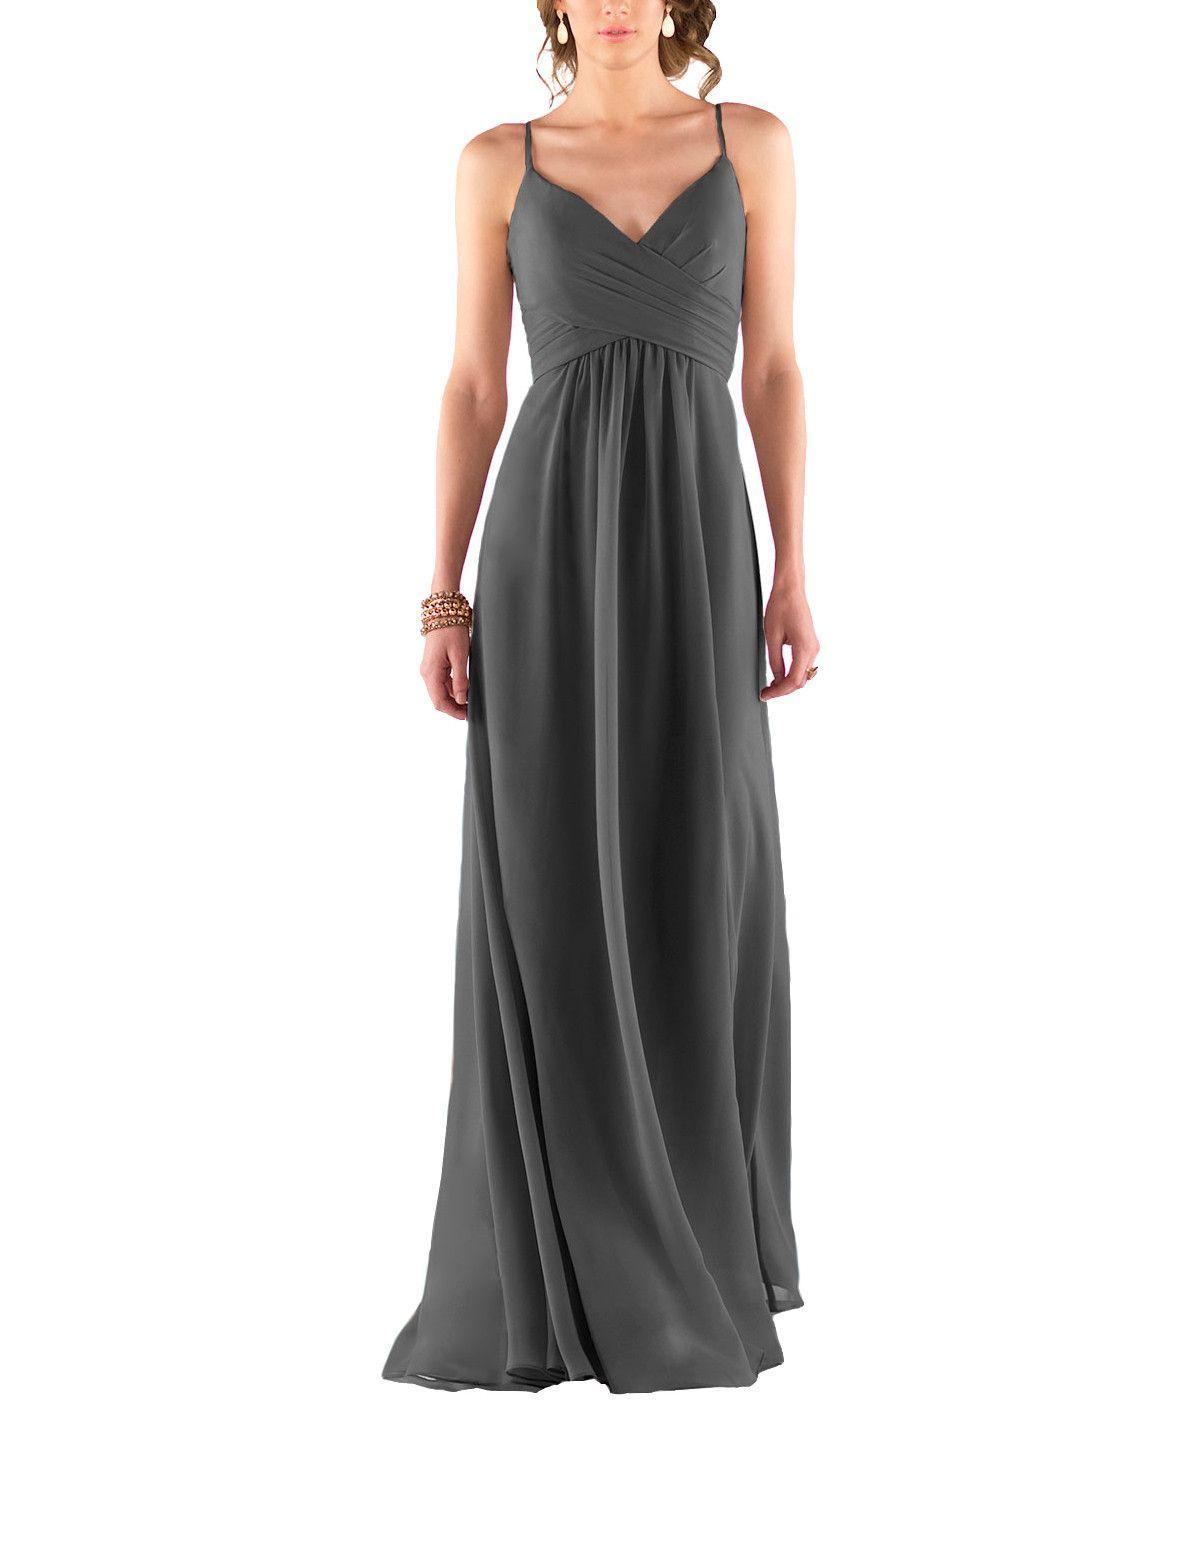 Sorella Vita Style 8798 | Sunny's bridesmaids